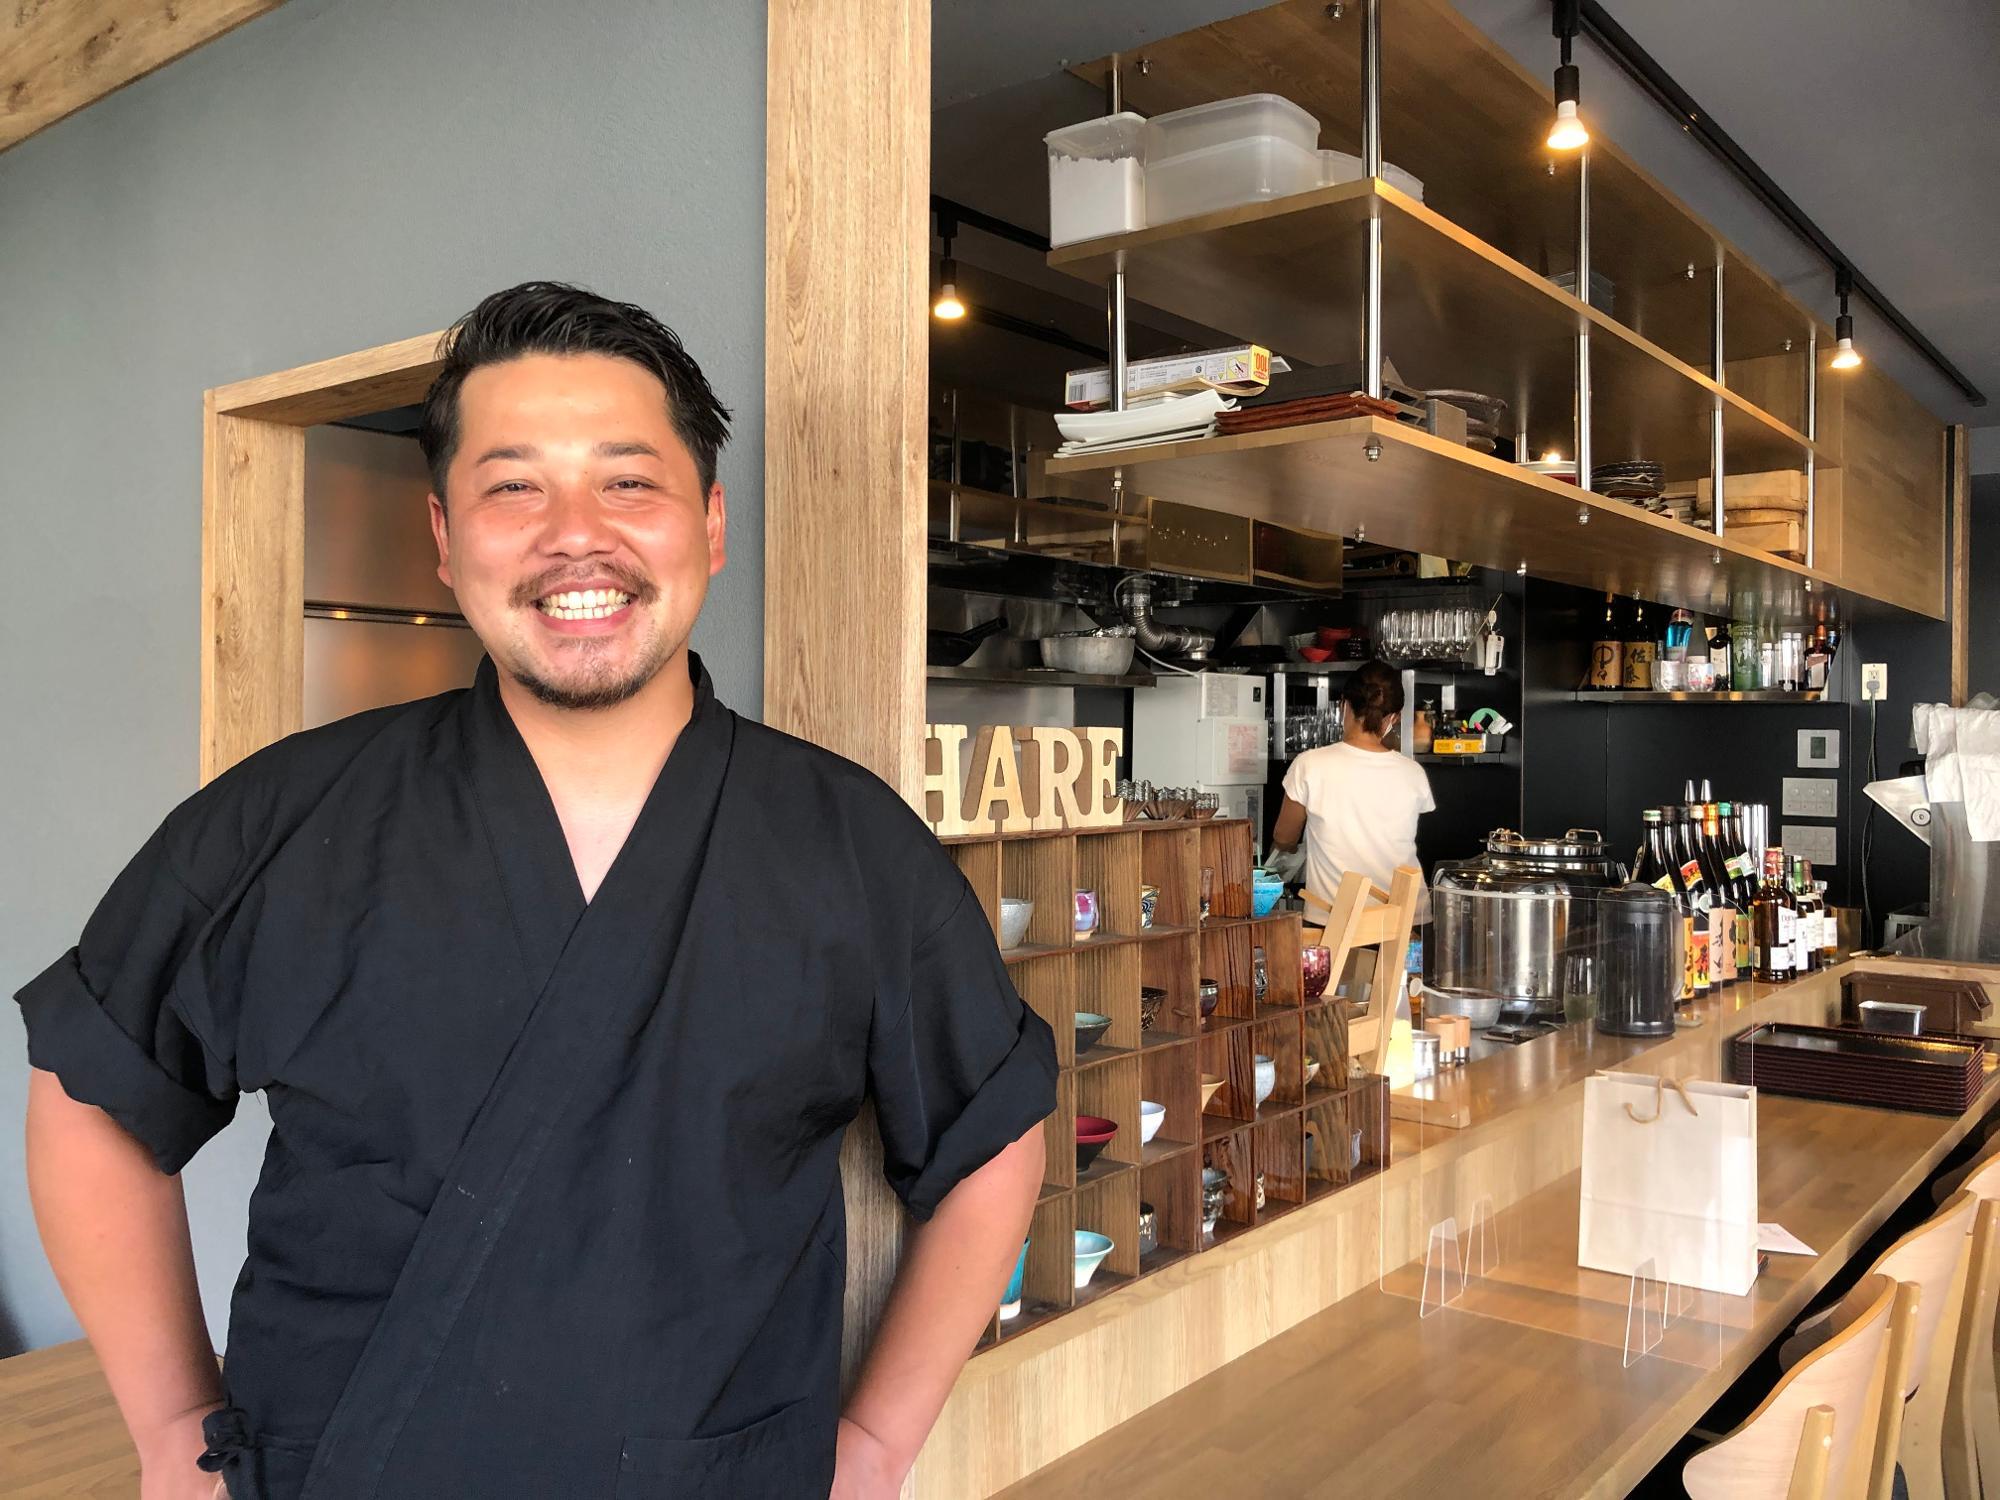 マスクを外して撮影に応じてくれた店主の藤田さん。後ろ姿は、ランチをお手伝いしているという美人の奥様